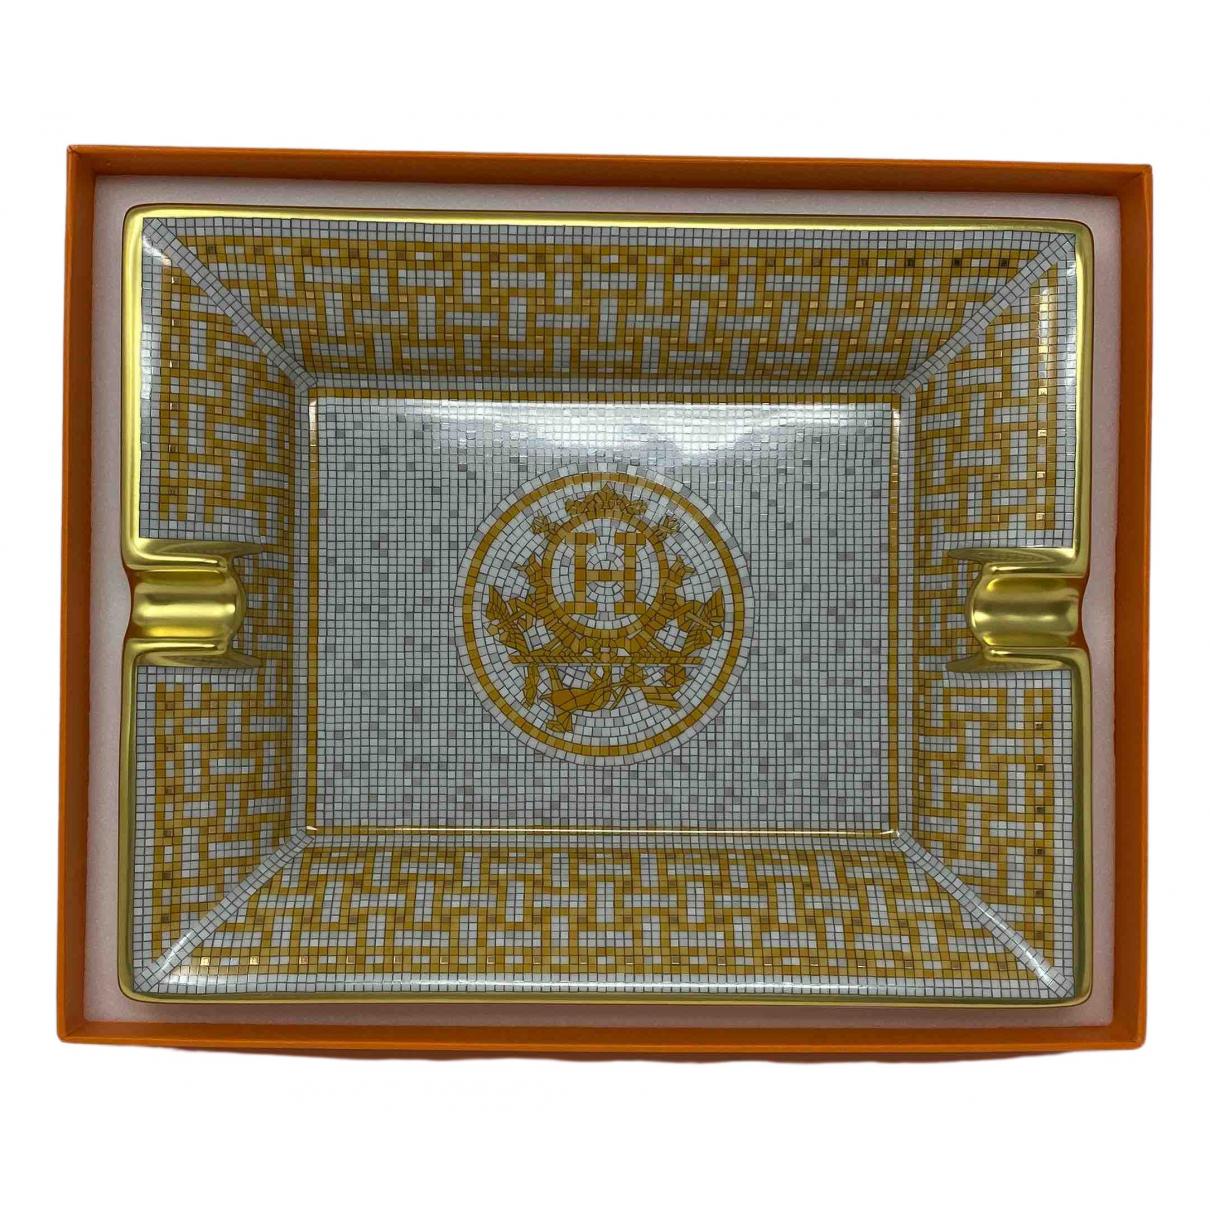 Hermes - Objets & Deco Mosaique au 24 pour lifestyle en porcelaine - dore